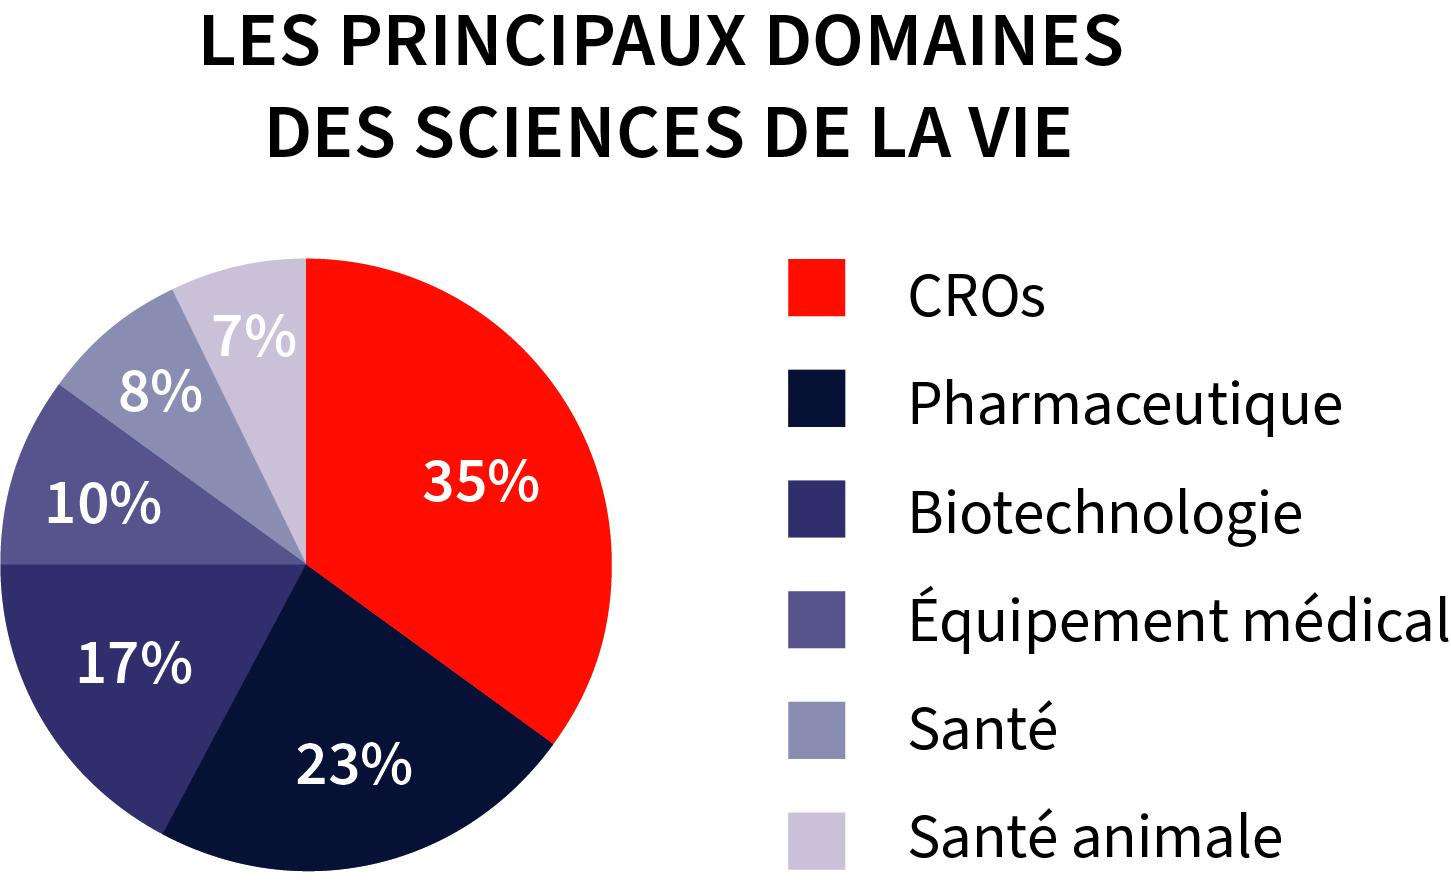 Industries Sciences de la vie